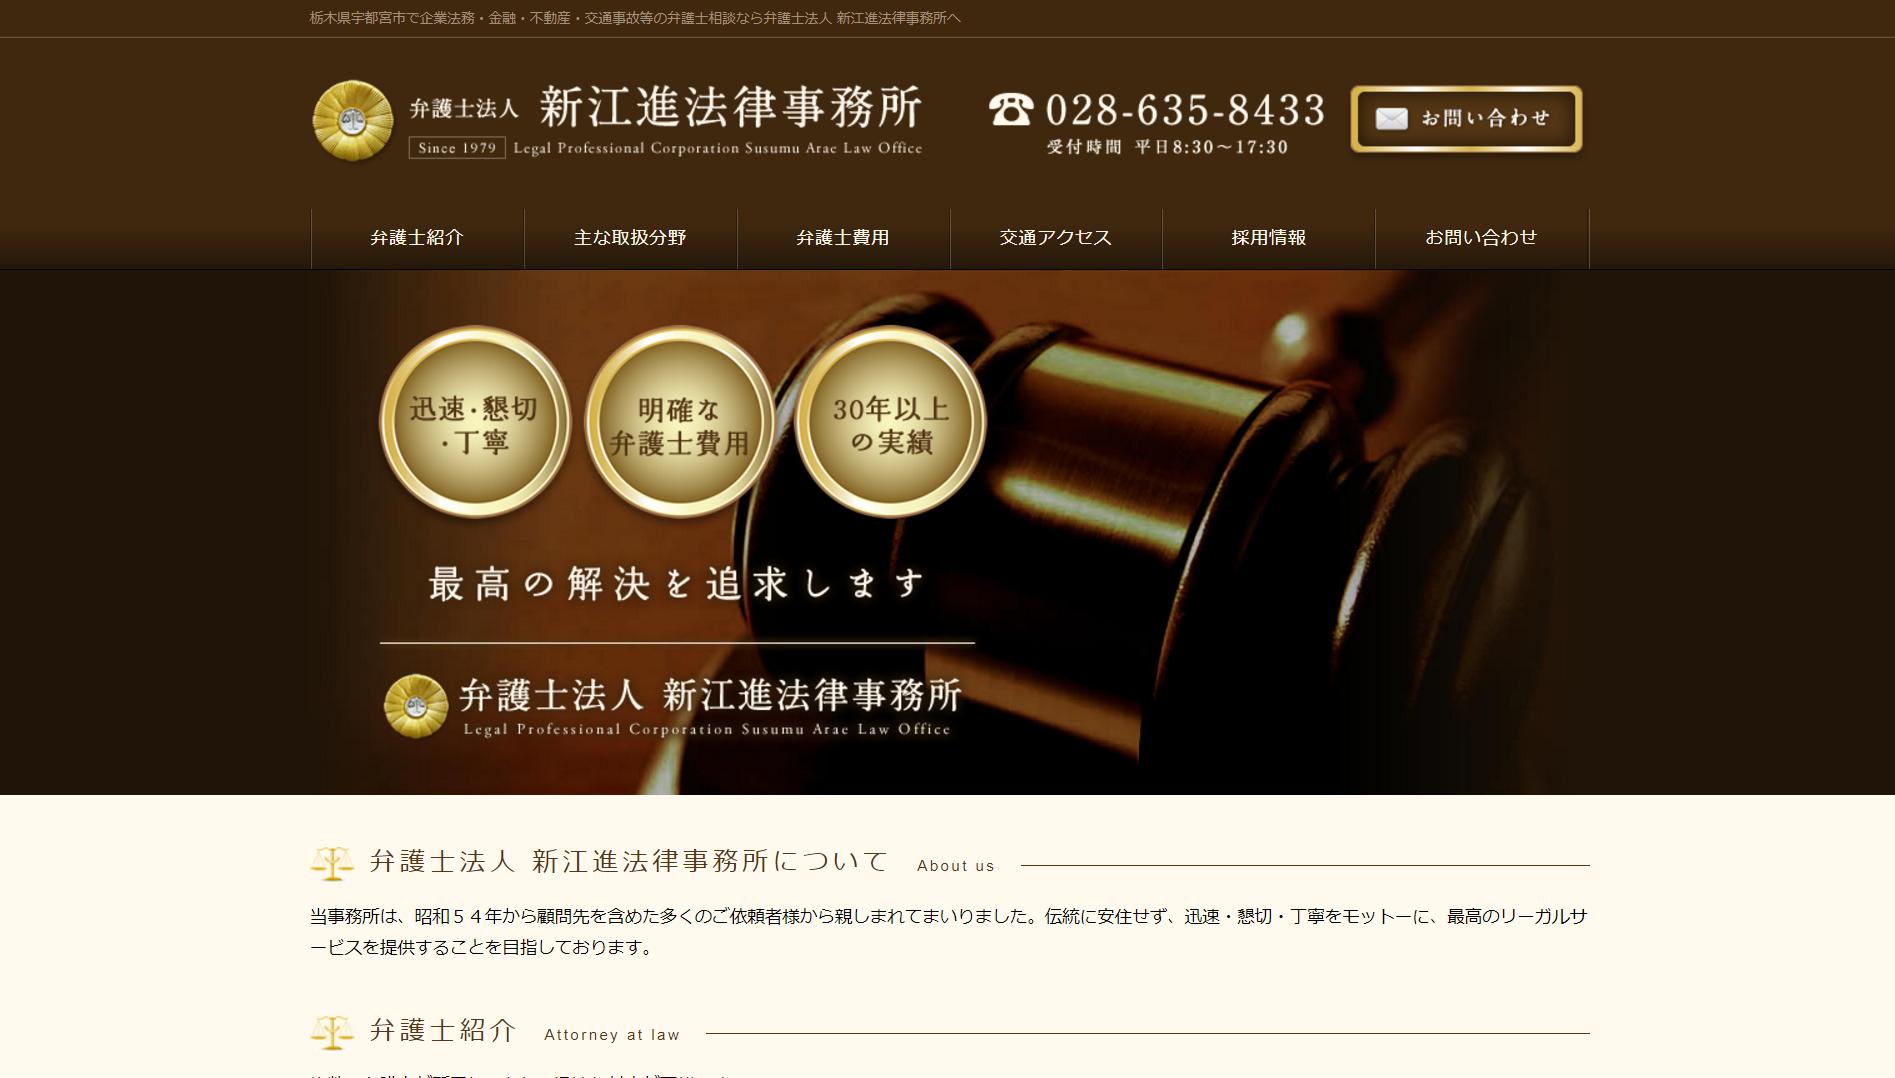 弁護士法人新江進法律事務所